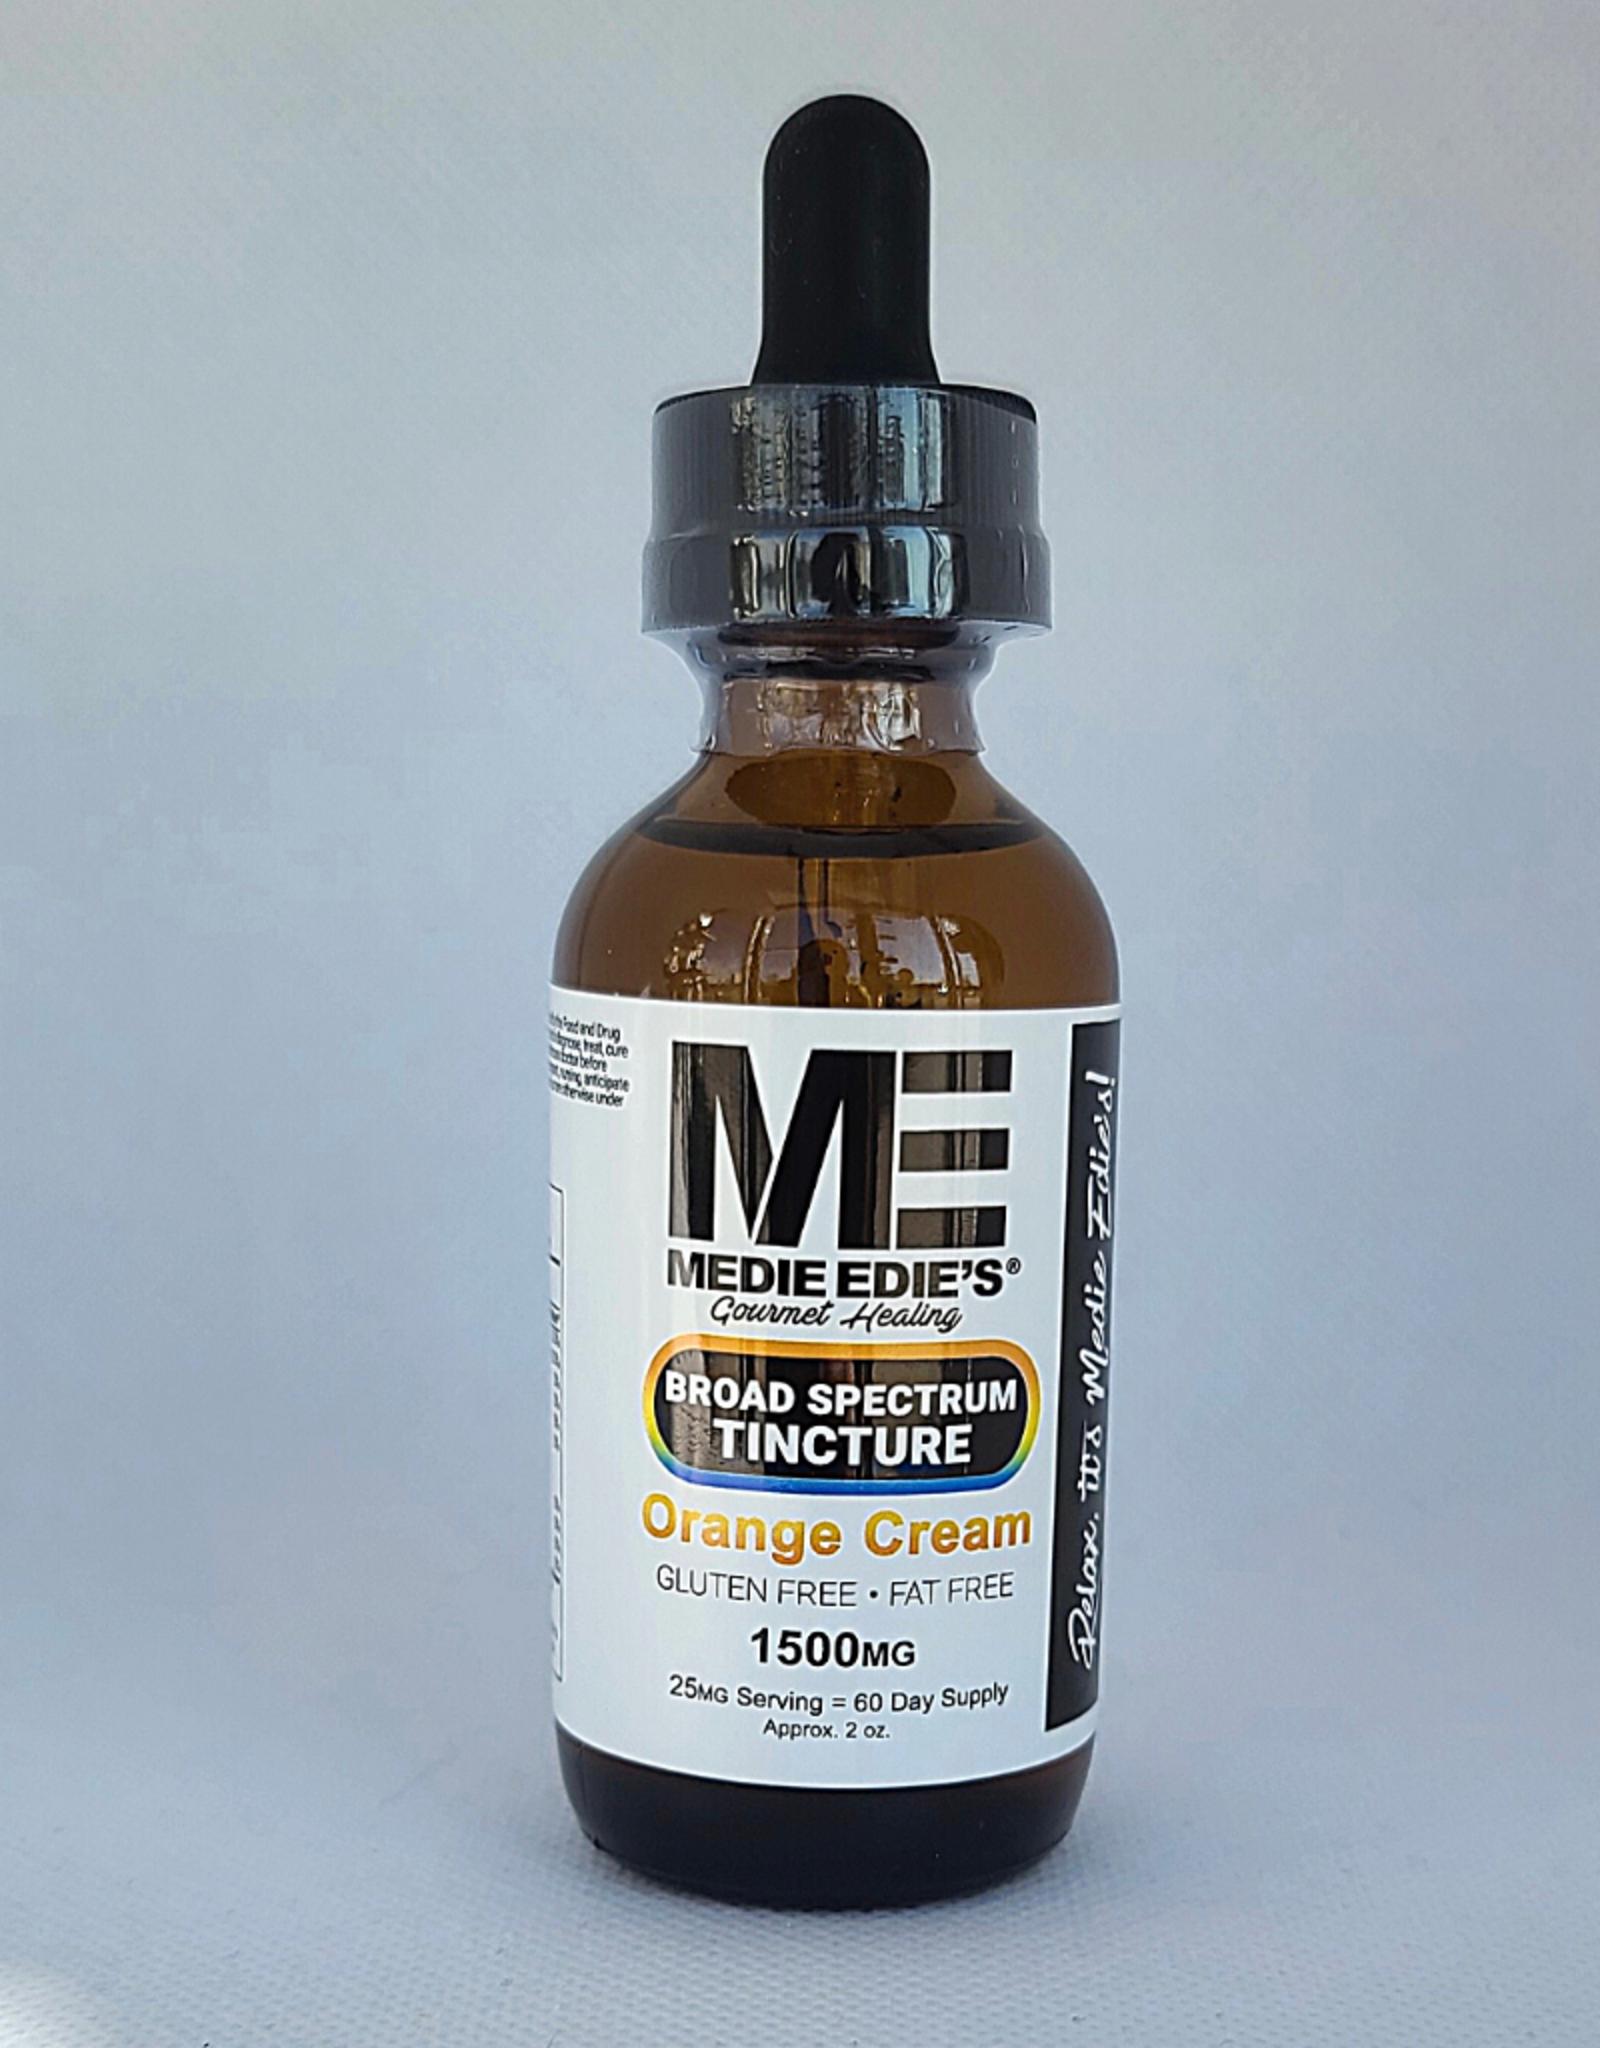 Medie Edie's Medie Edie's 60ml Broad Spectrum Tincture  Orange Cream - 25mg.1500mg